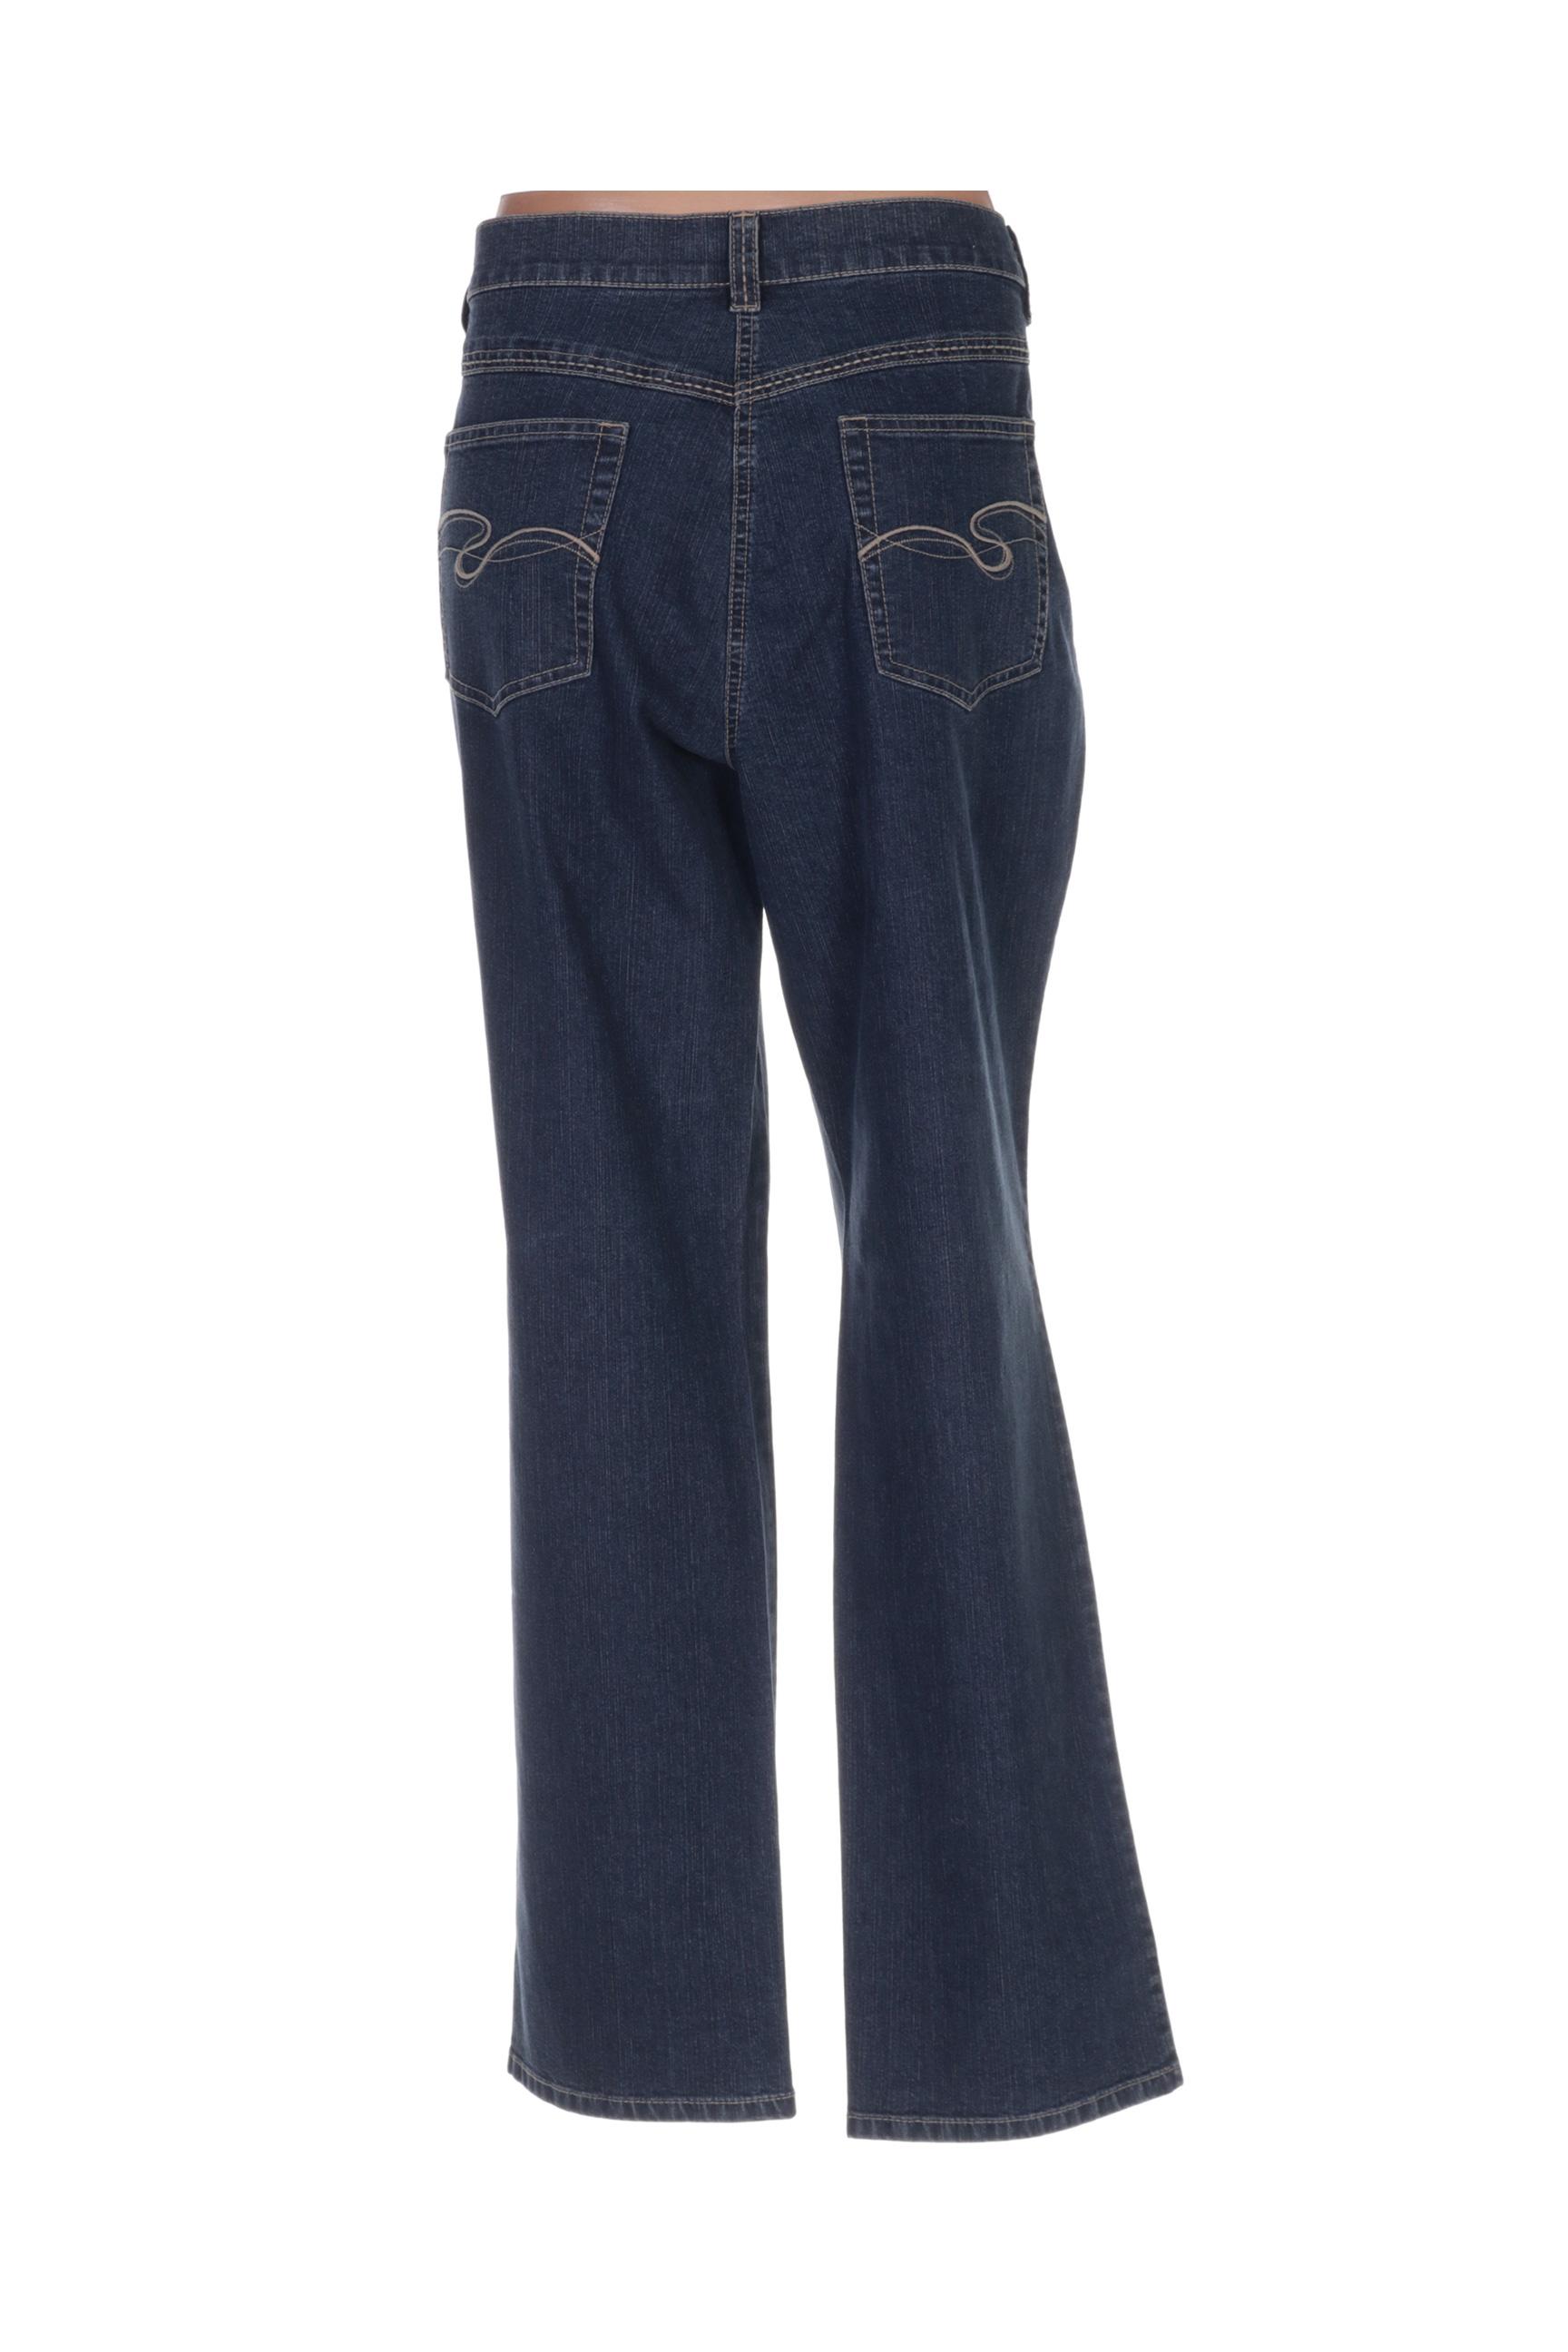 Lebek Jeans Coupe Droite Femme De Couleur Bleu En Soldes Pas Cher 1410289-bleu00